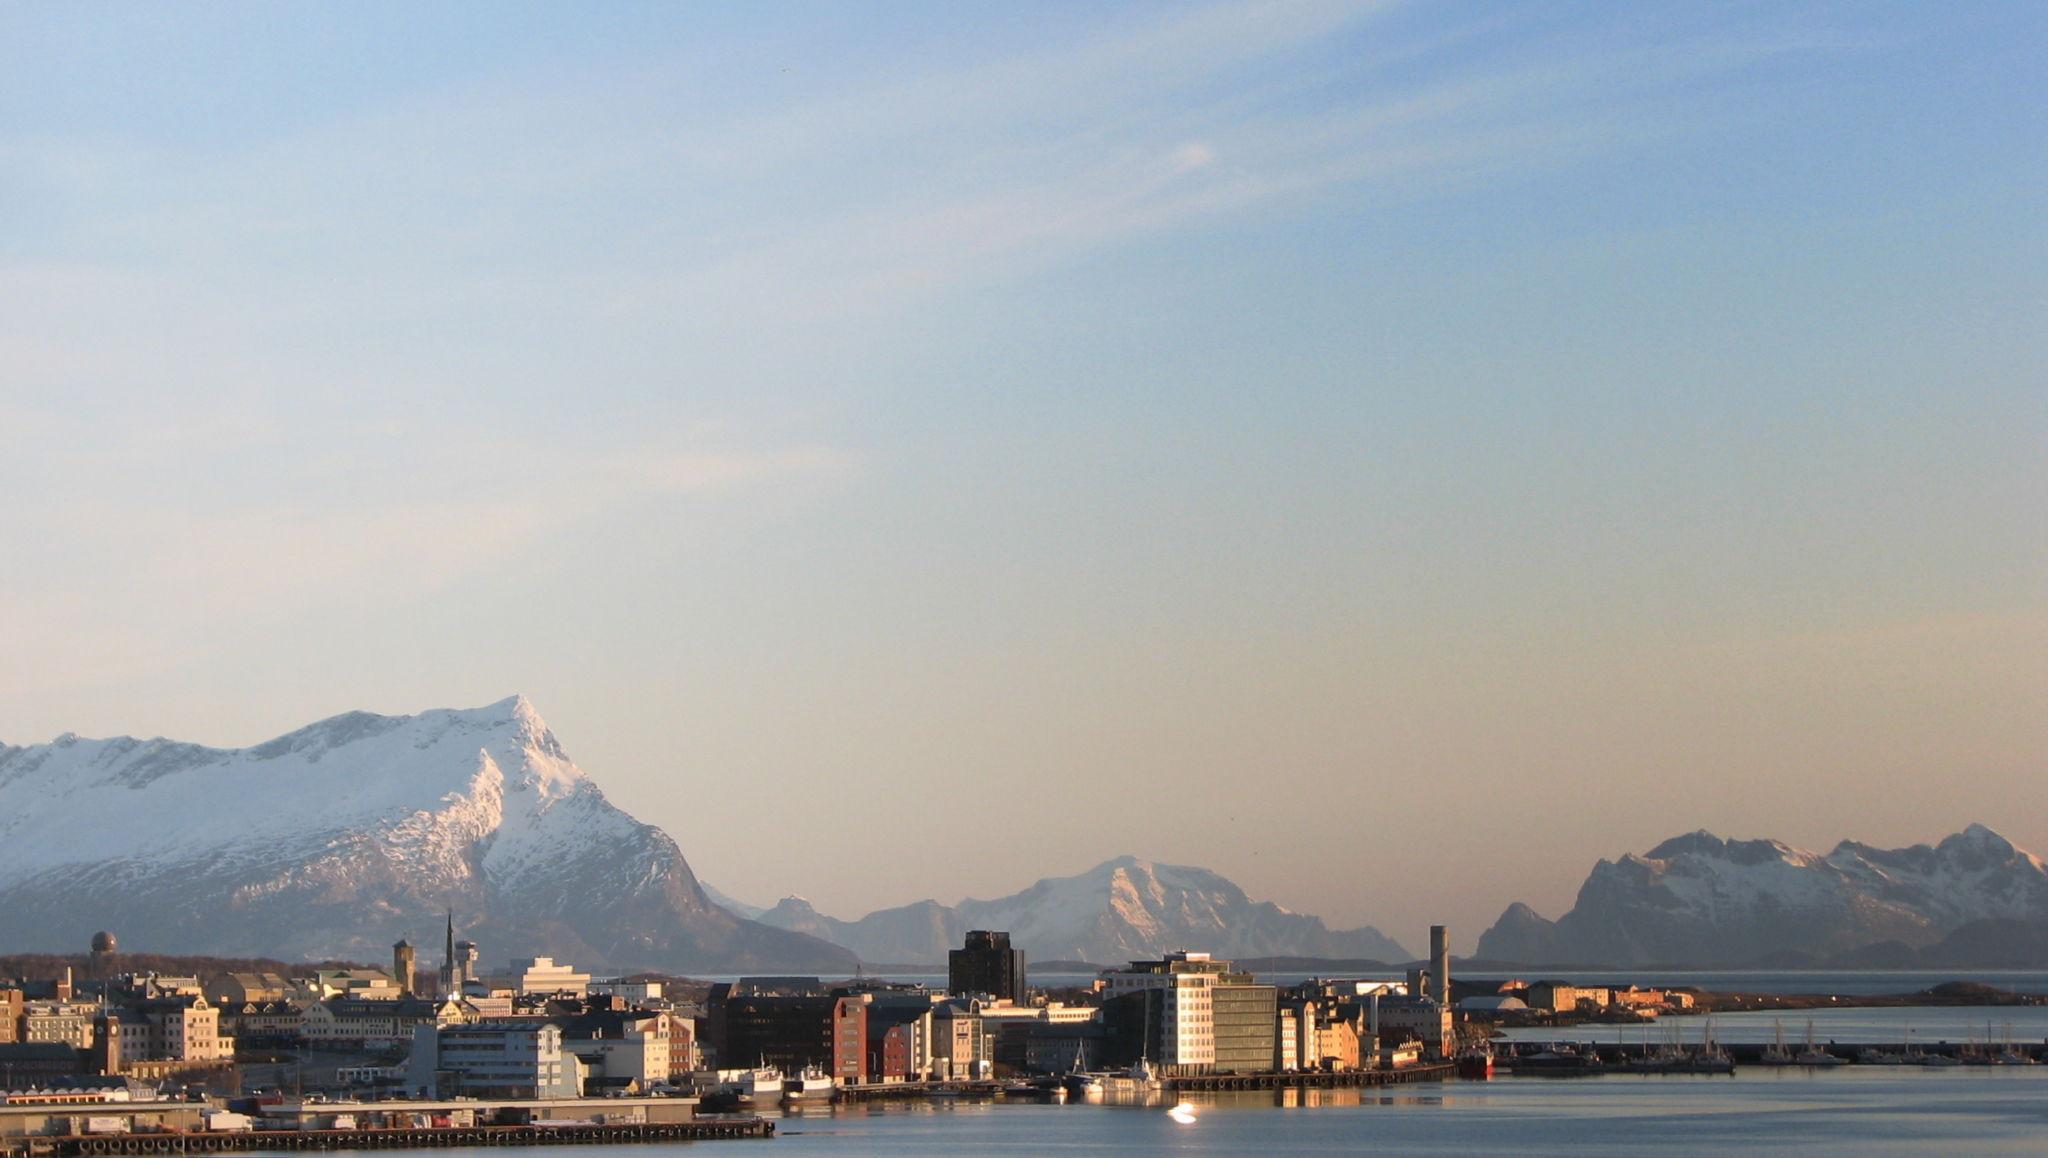 Bodø havn på en solskinnsdag med snødekte fjell i bakgrunnen